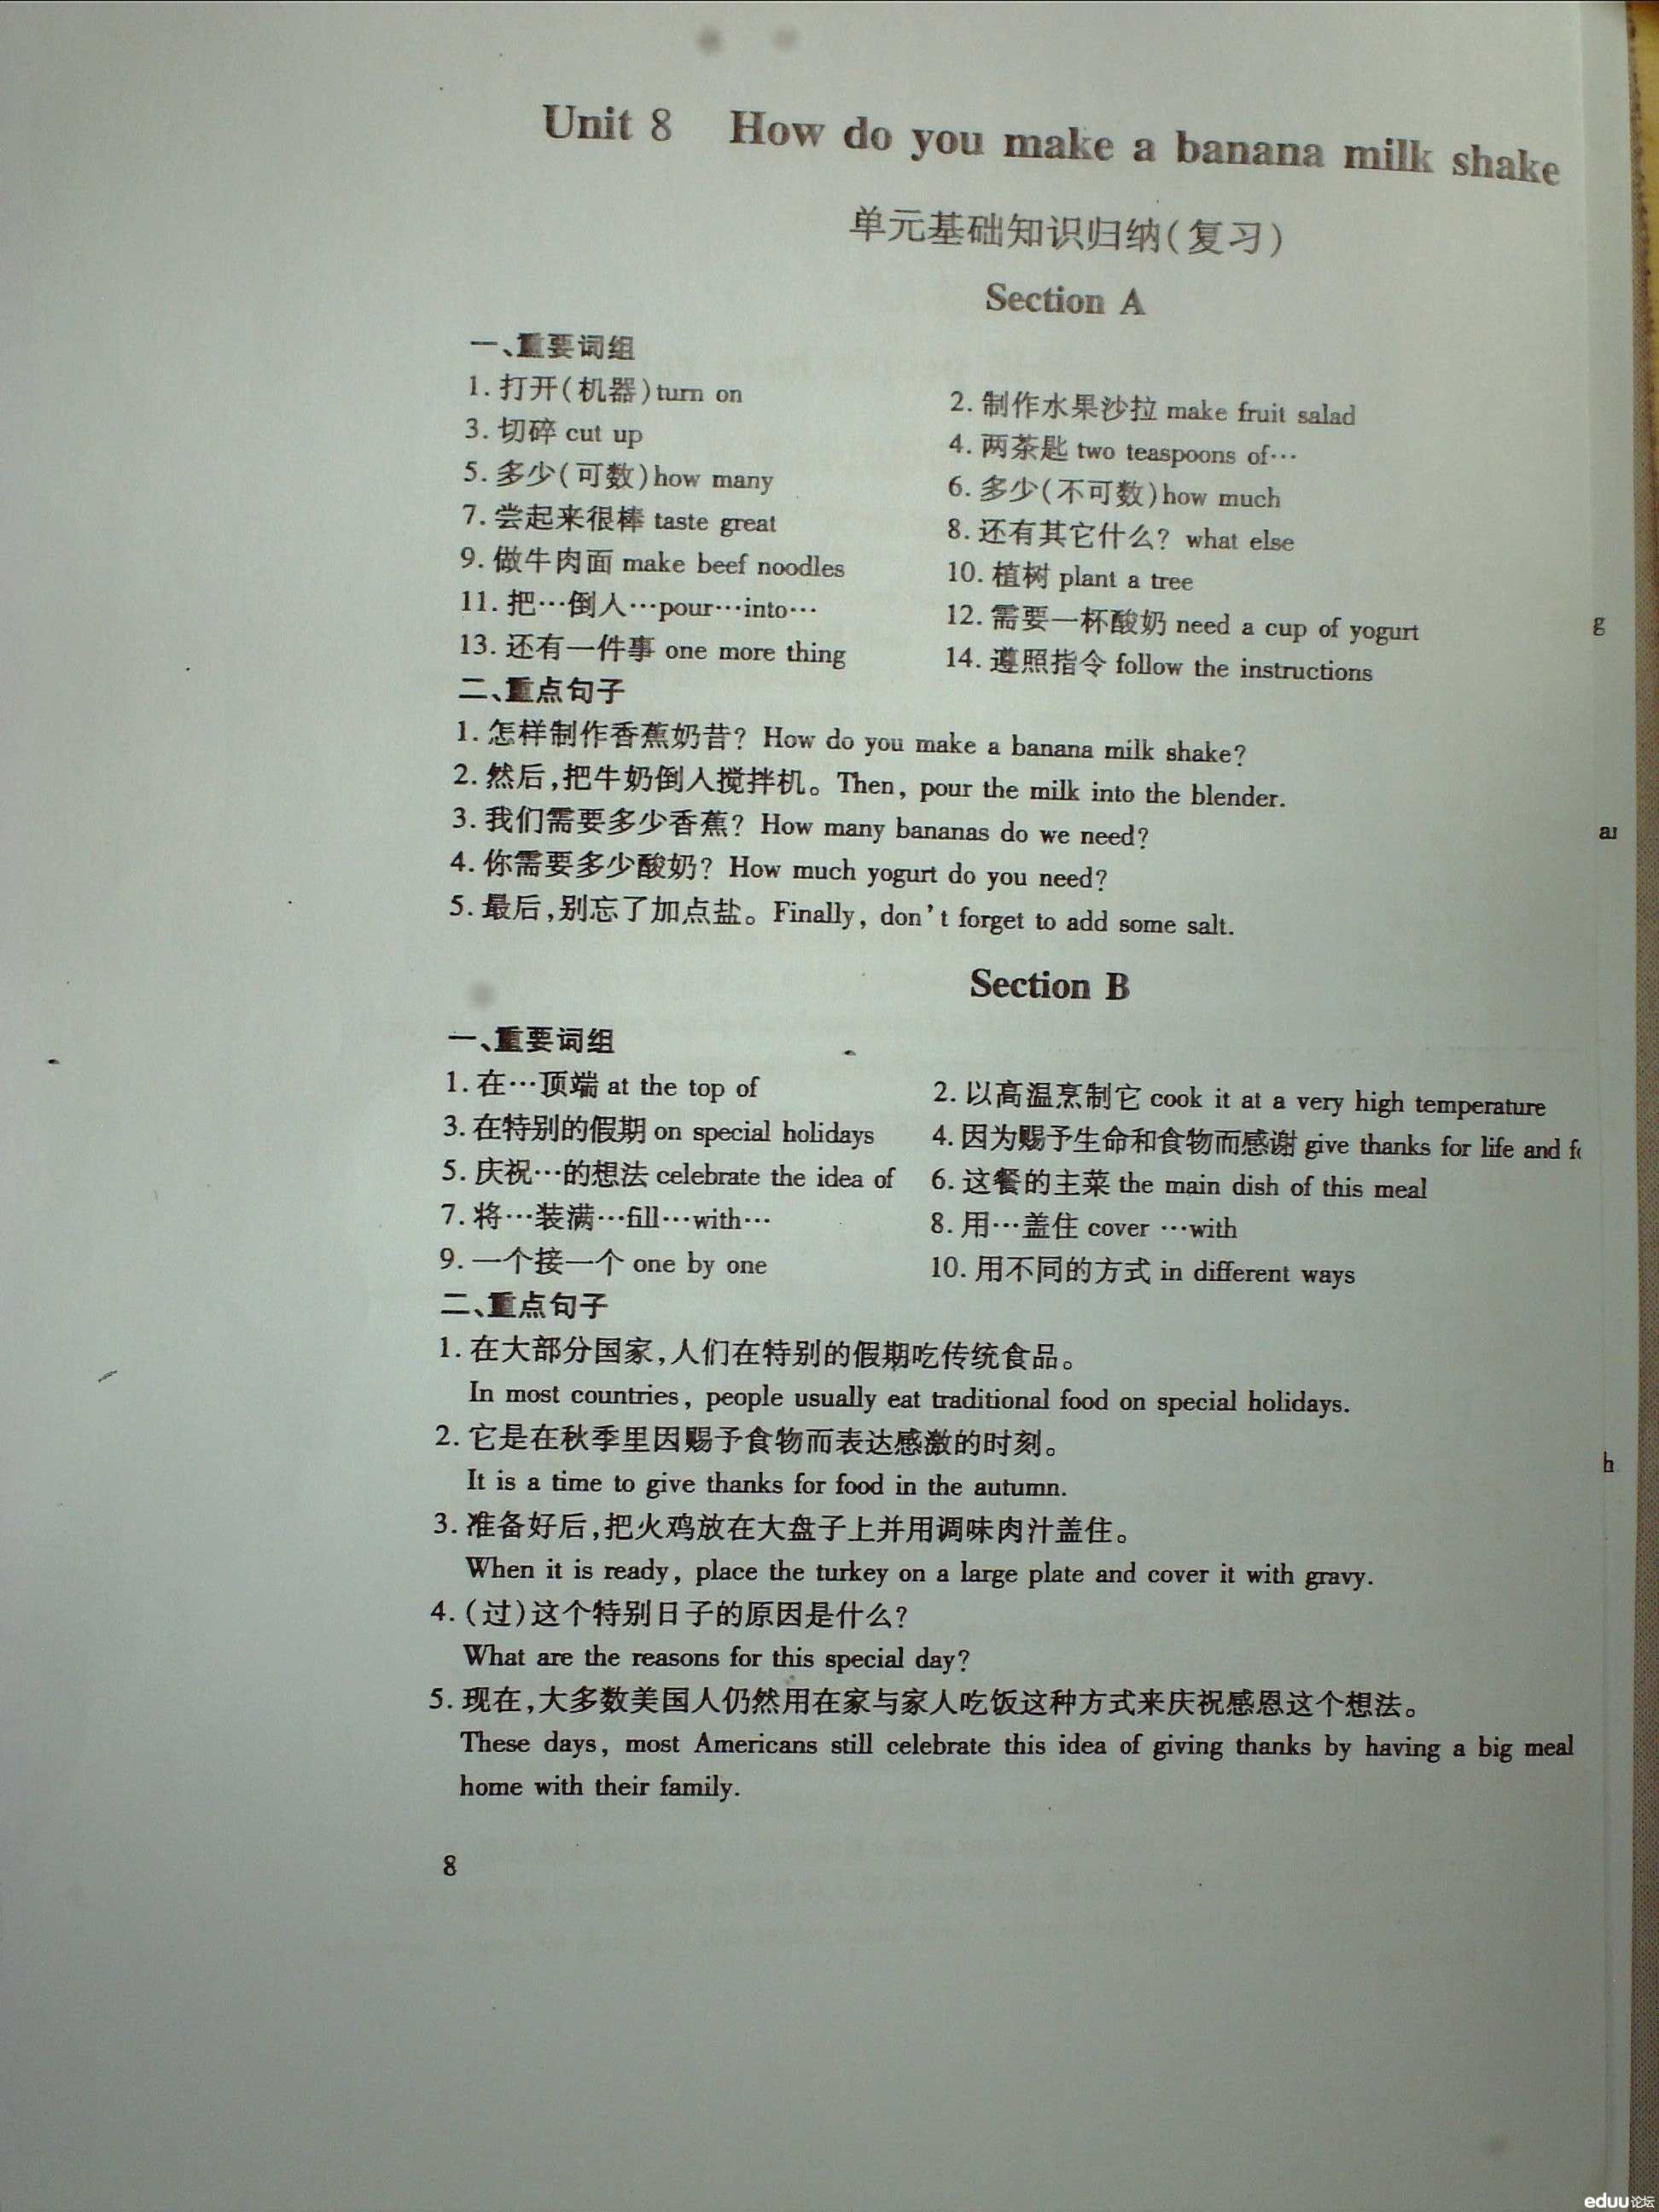 初二年级上学期英语期末考试知识点总汇